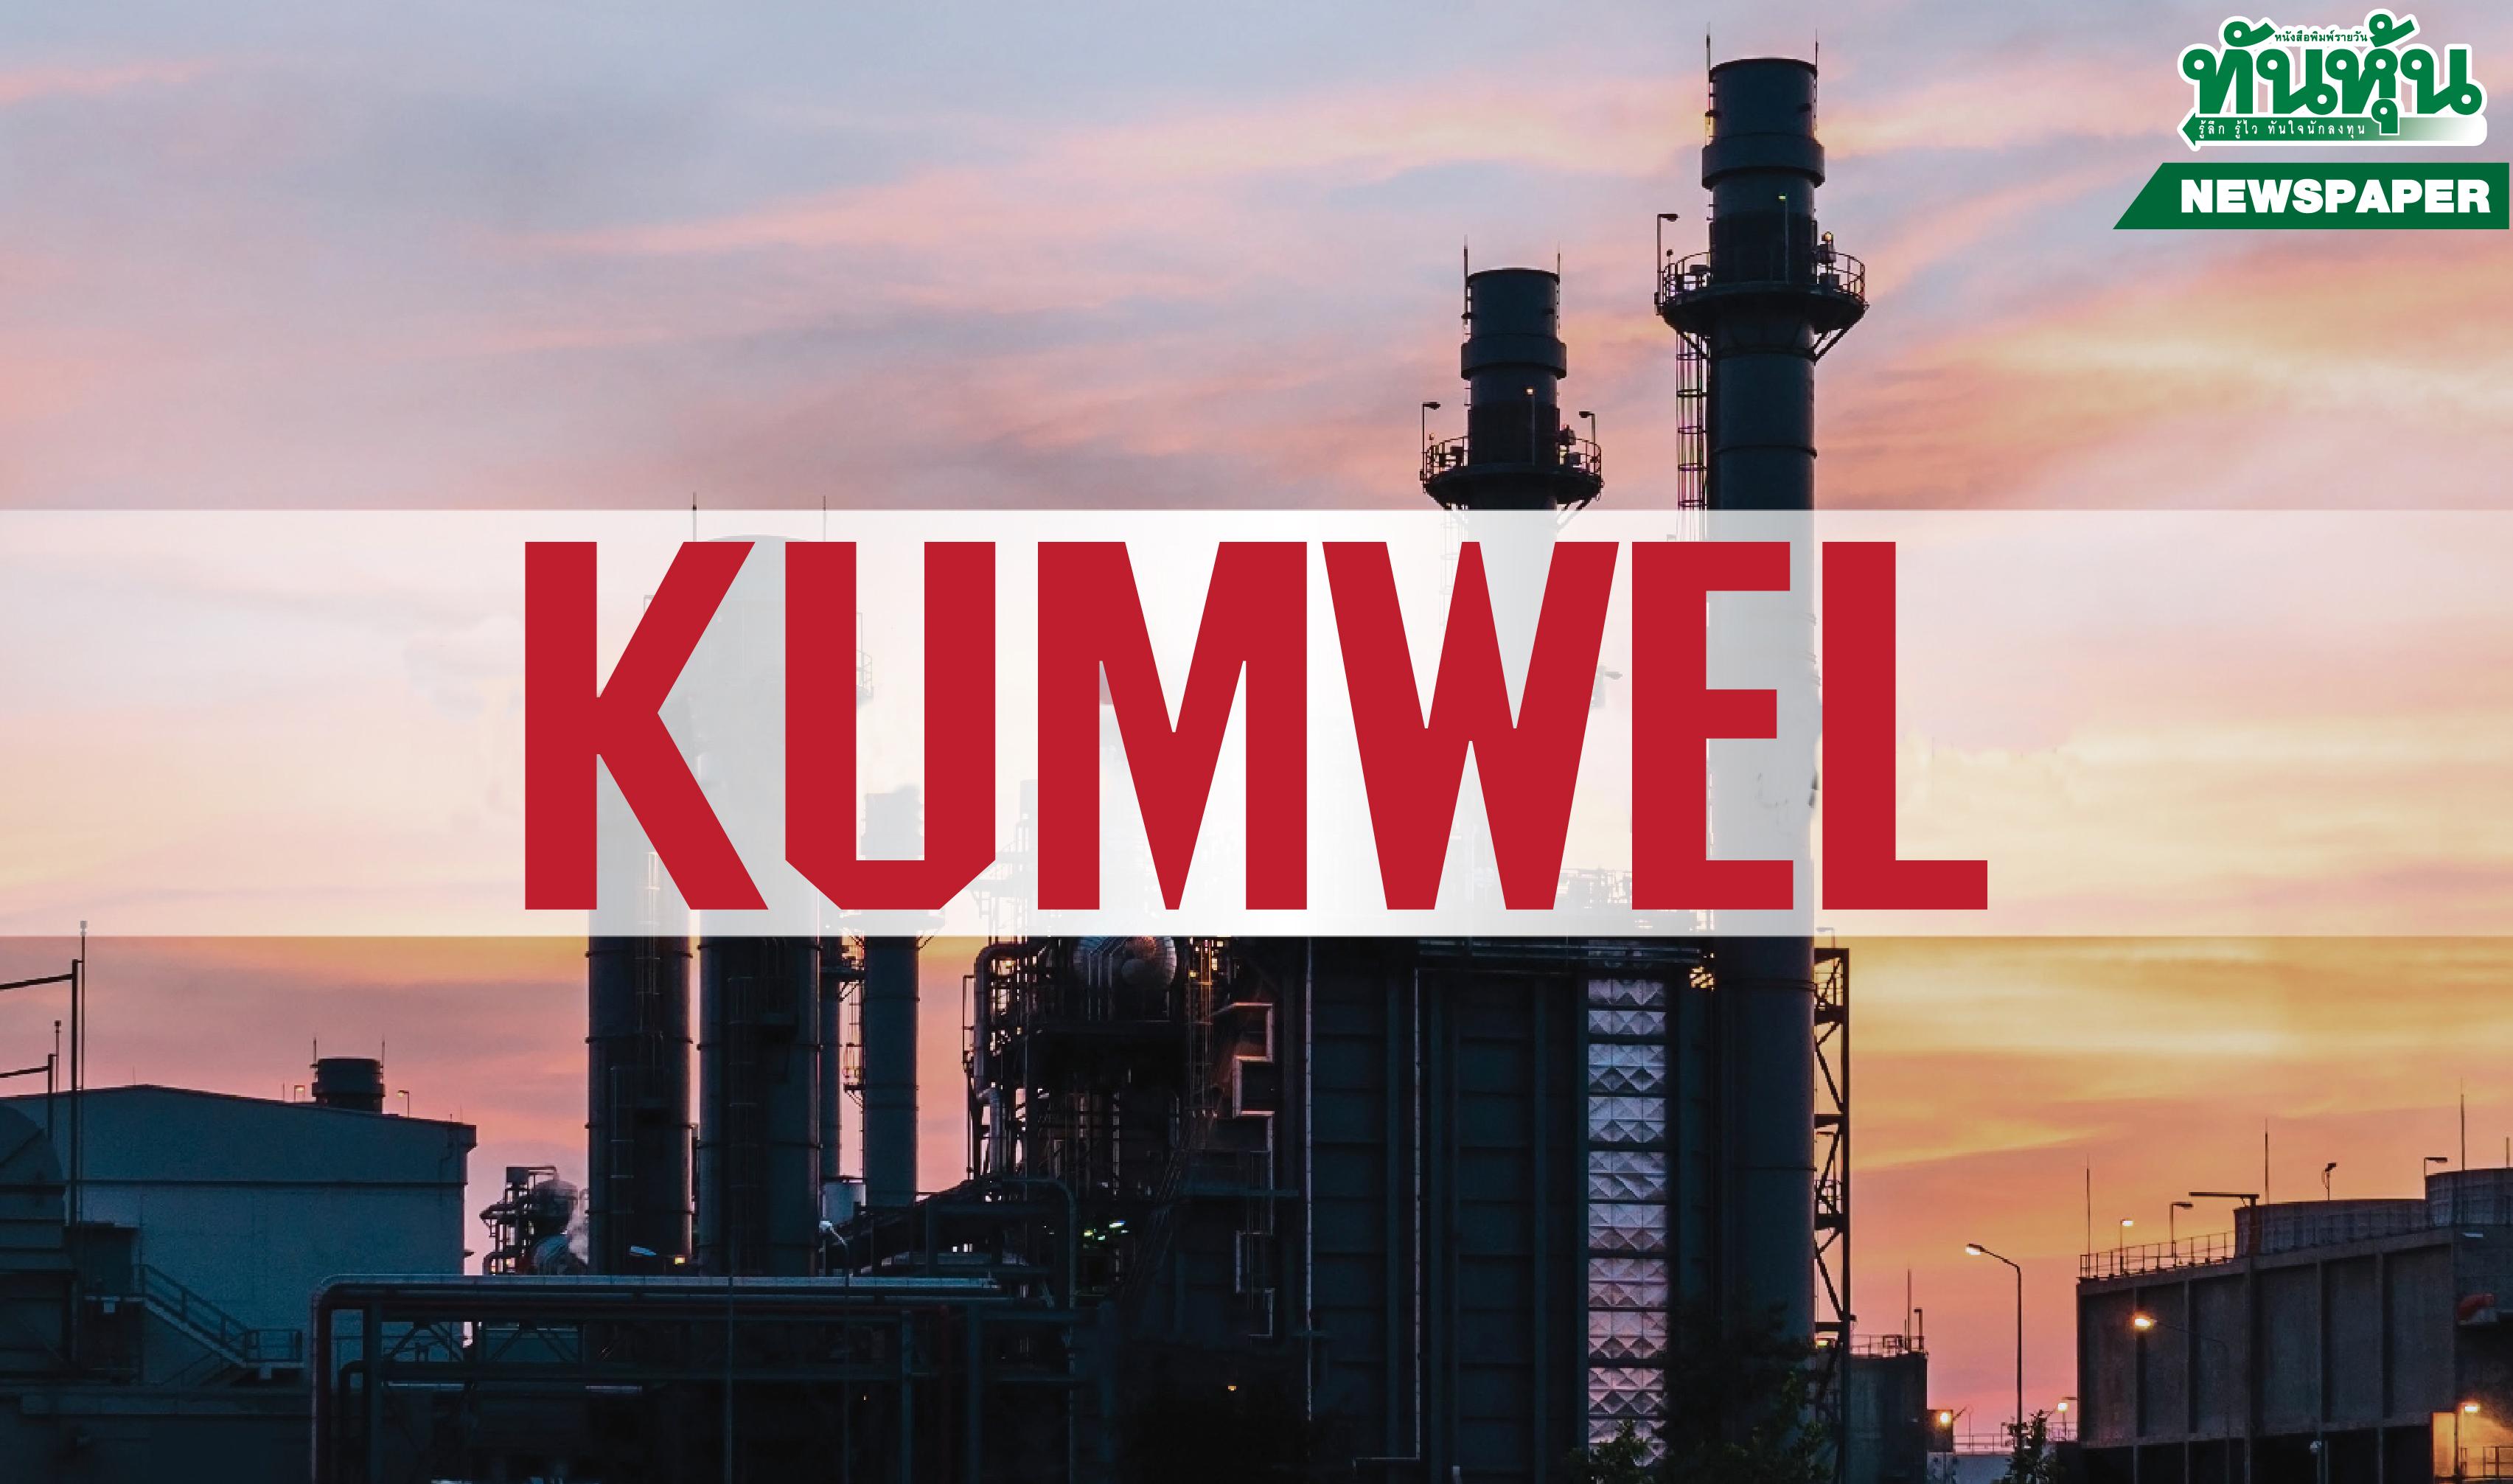 KUMWEL รับงานอื้อ เร่งพัฒนา-คุมต้นทุน โควิดฉุดรายได้ต่ำเป้า